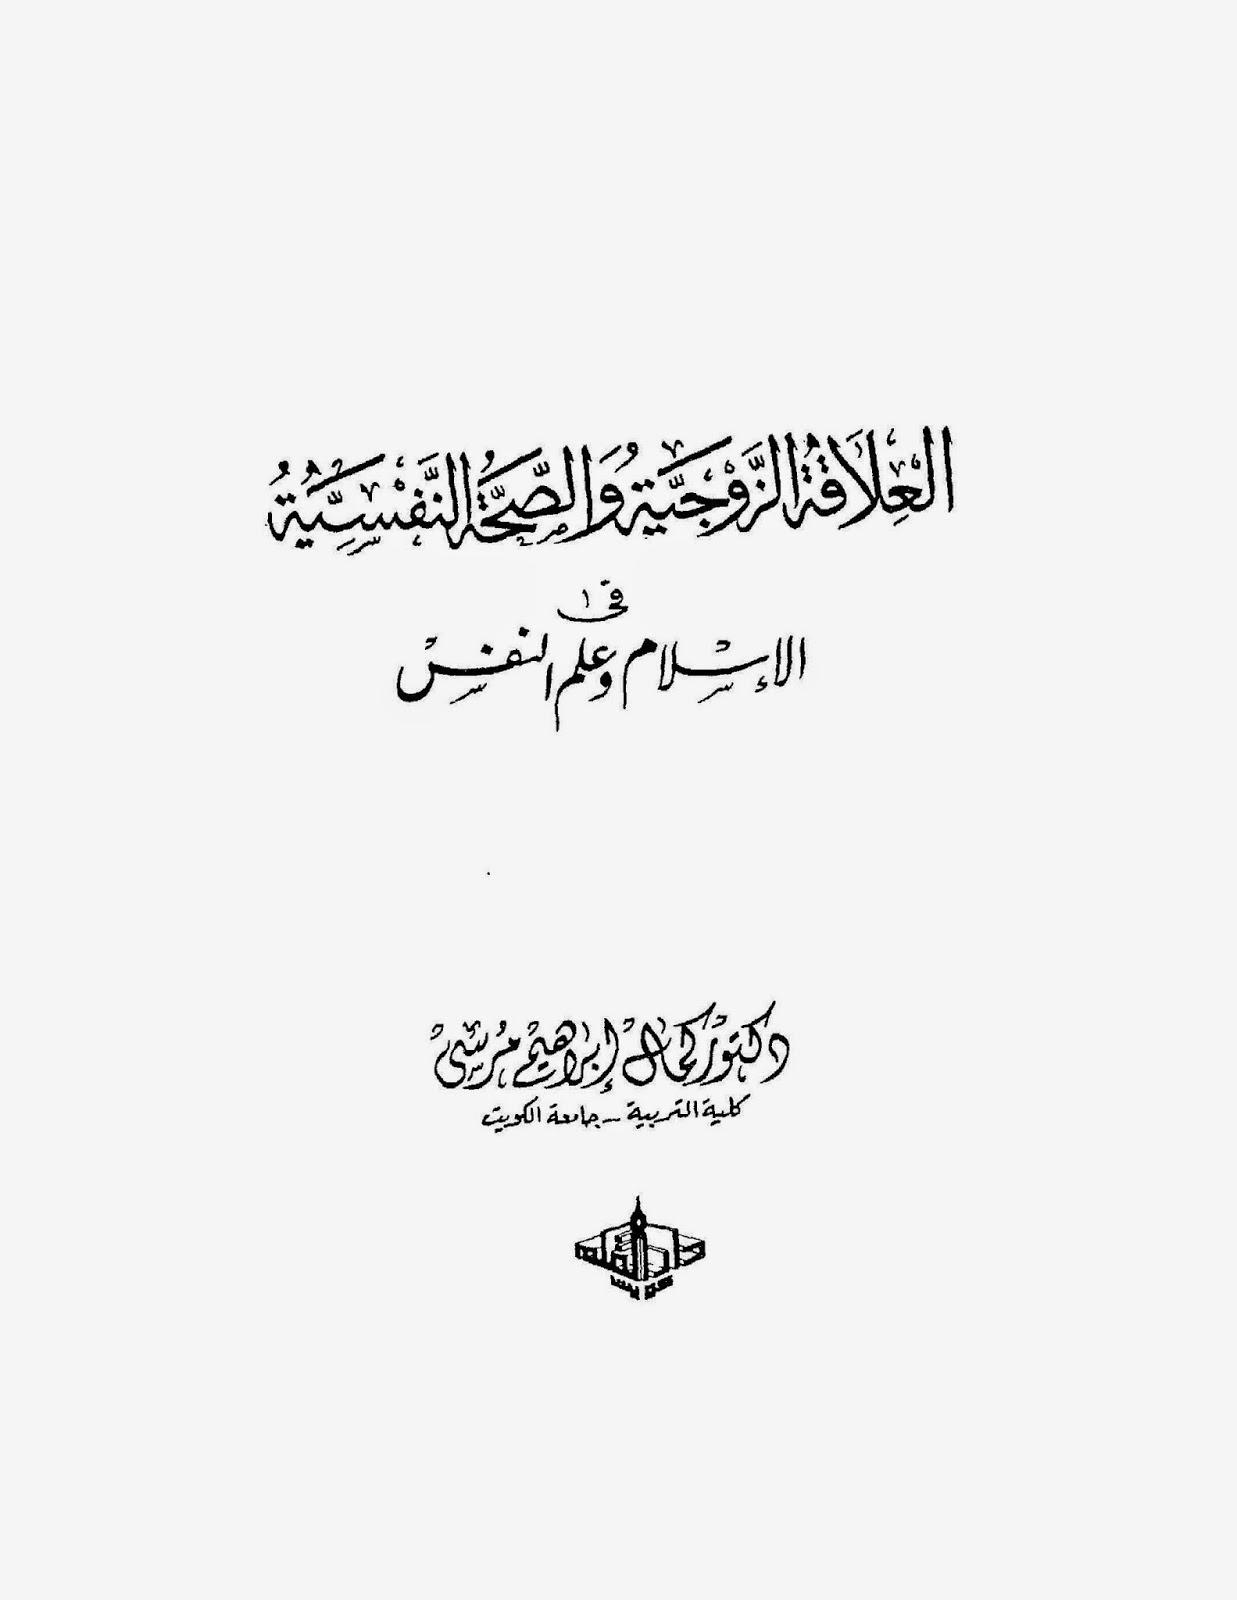 العلاقات الزوجية والصحة النفسية في الإسلام وعلم النفس لـ كمال مرسي